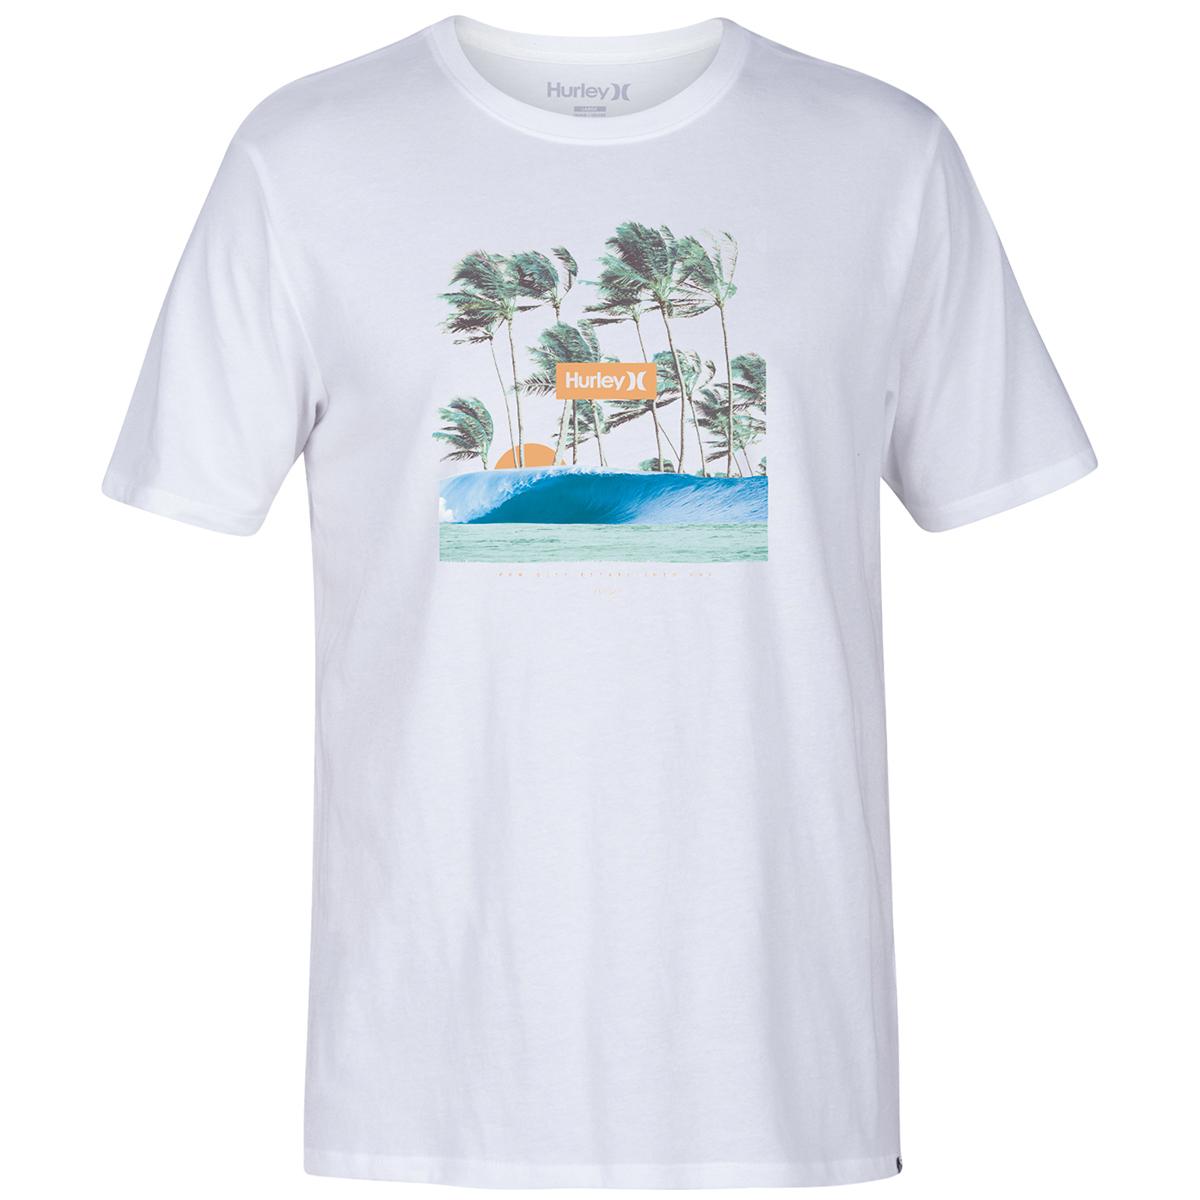 Hurley Men's Short-Sleeve Premium Offshore Tee - White, S